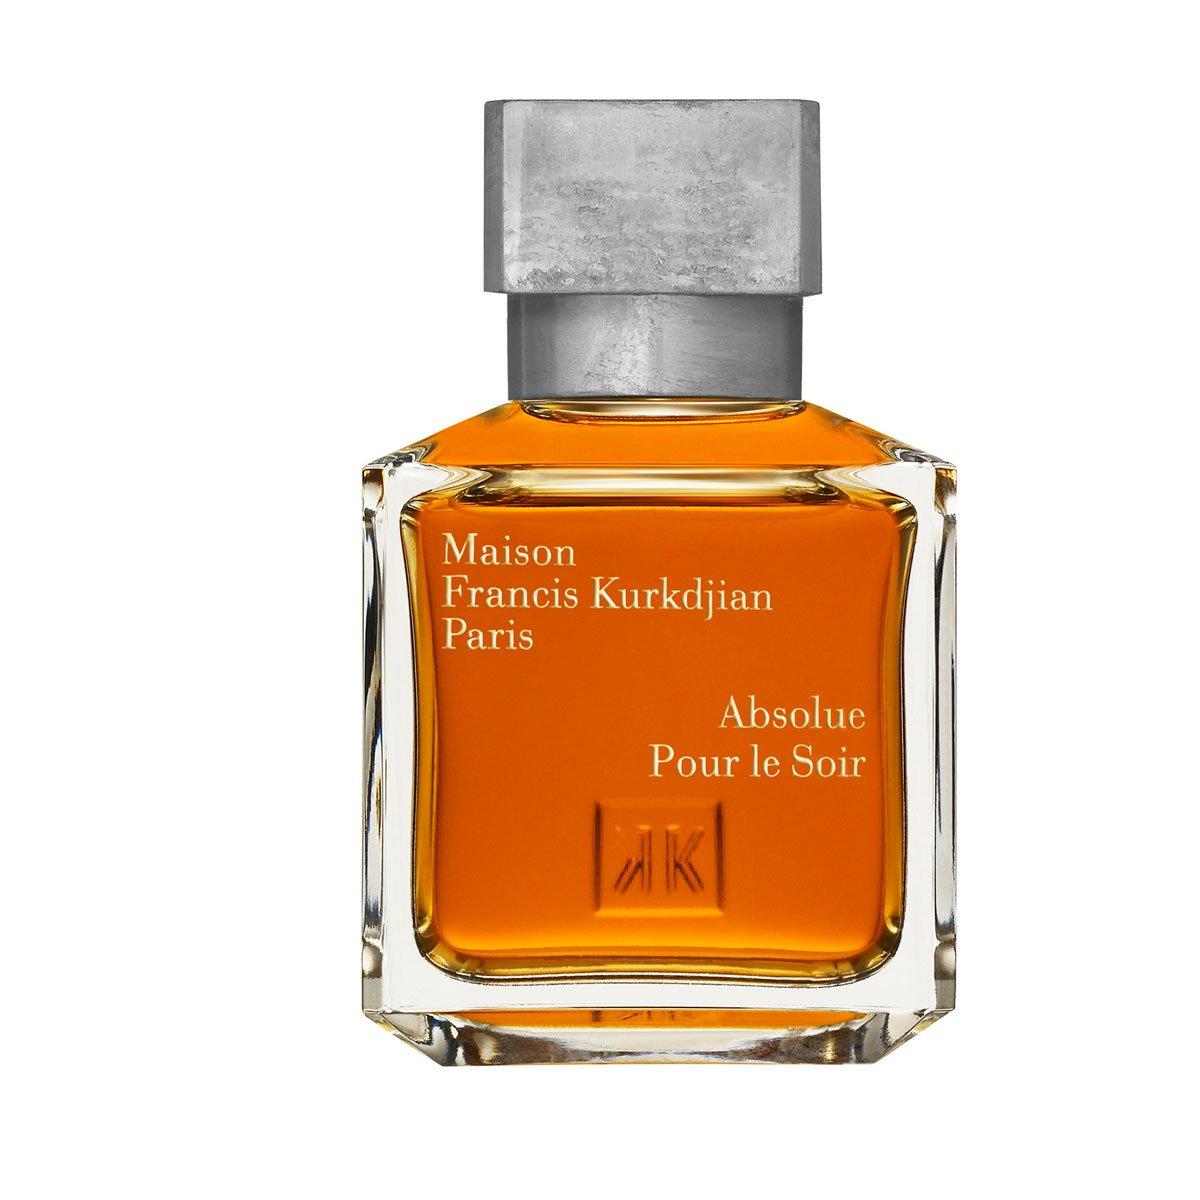 Maison Francis Kurkdjian Absolue pour le Soir Eau de Parfum